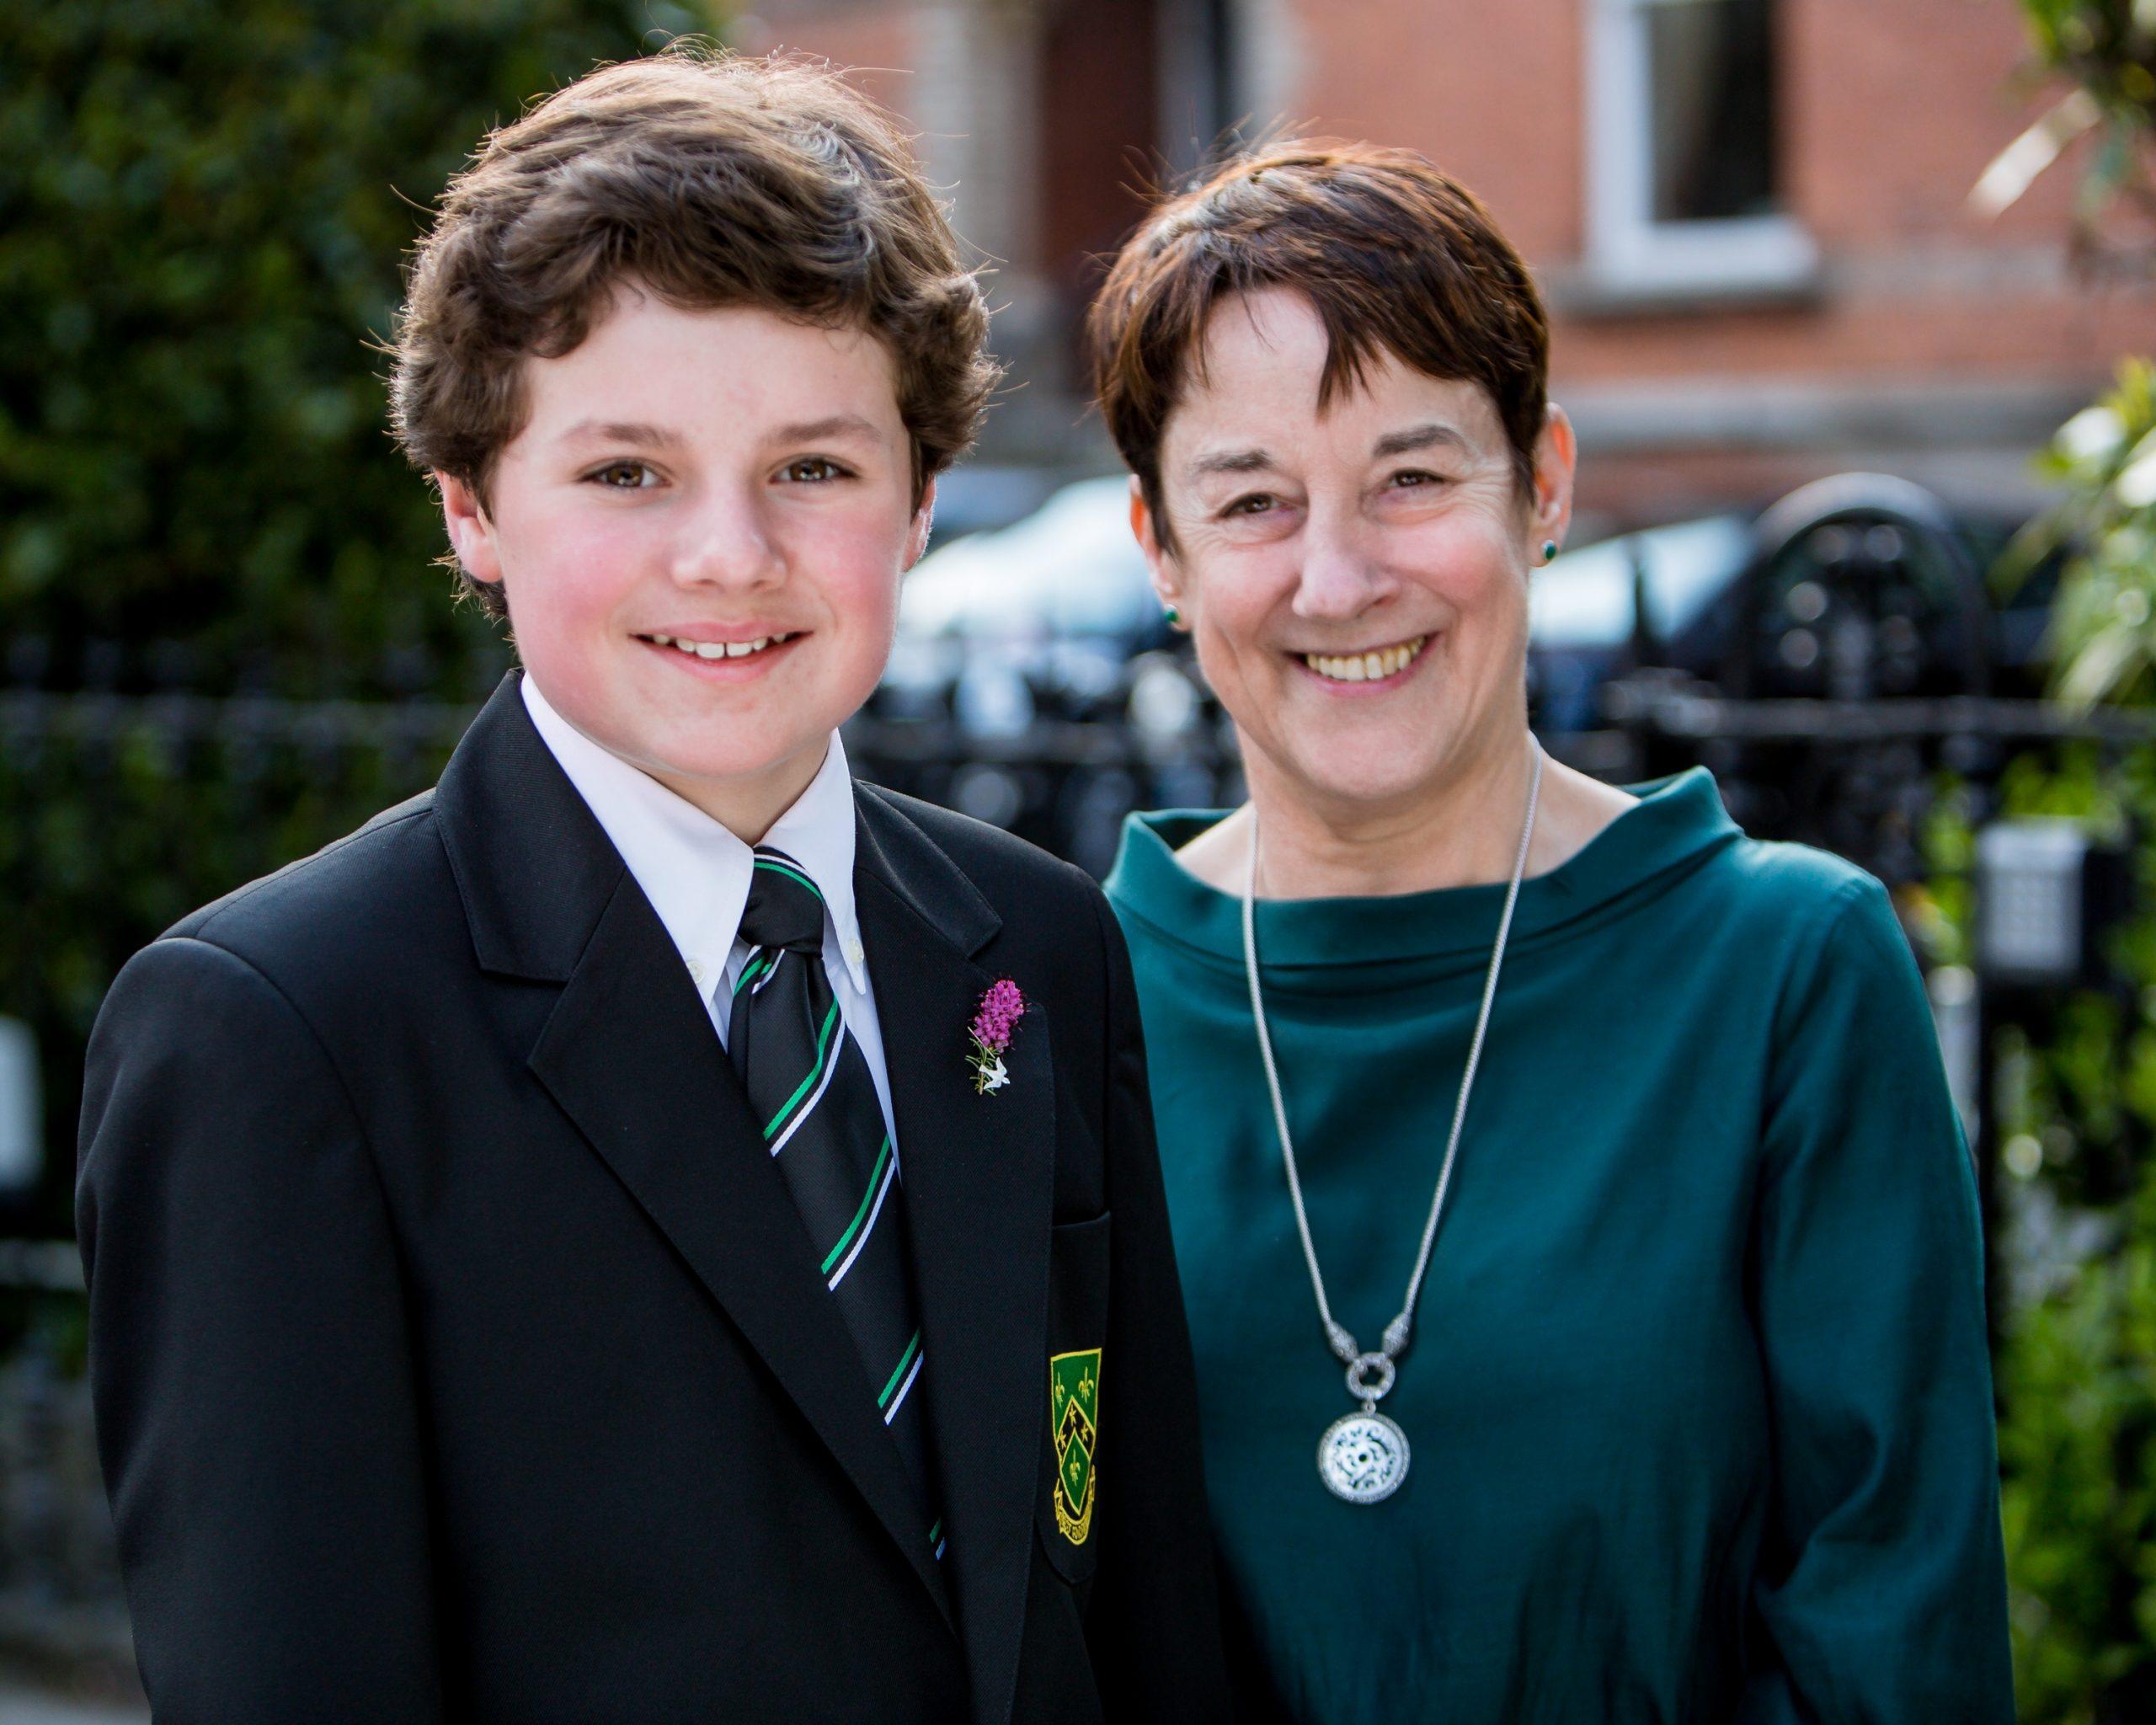 Daniel Carroll and Ann Sheppard